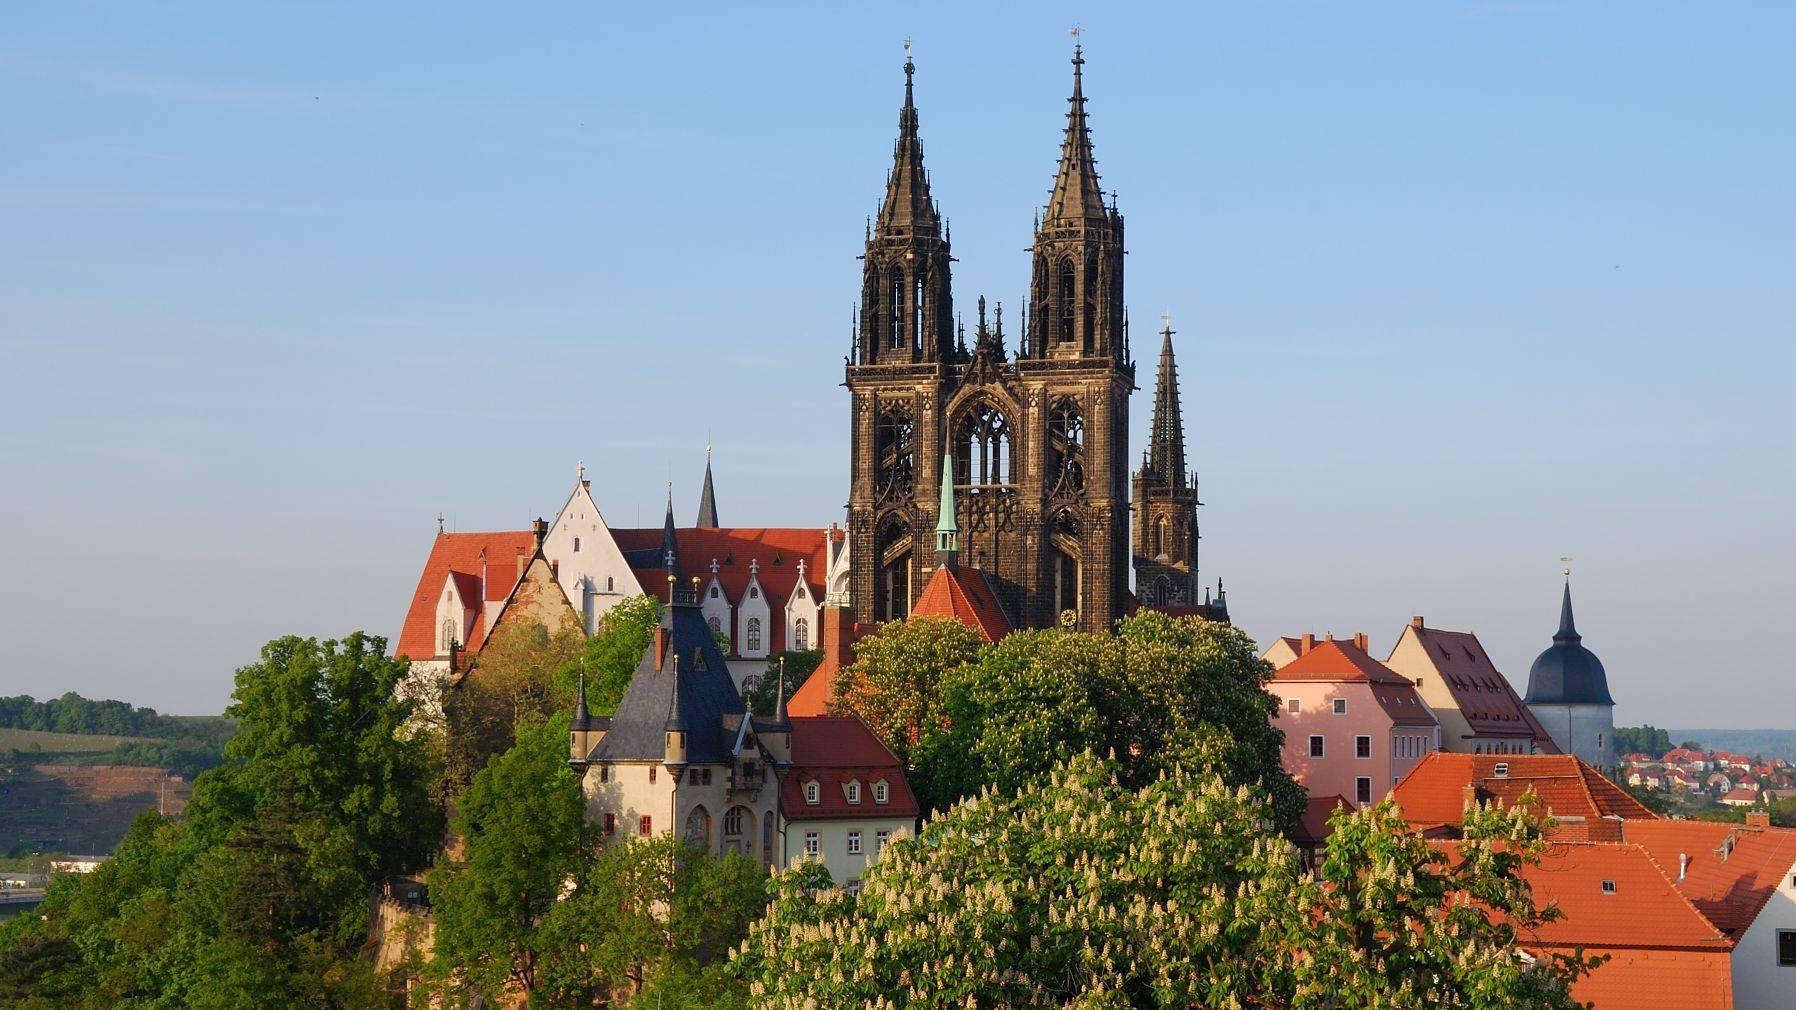 Немецкая дорога сказок: по следам красной шапочки, бременских музыкантов и спящей красавицы